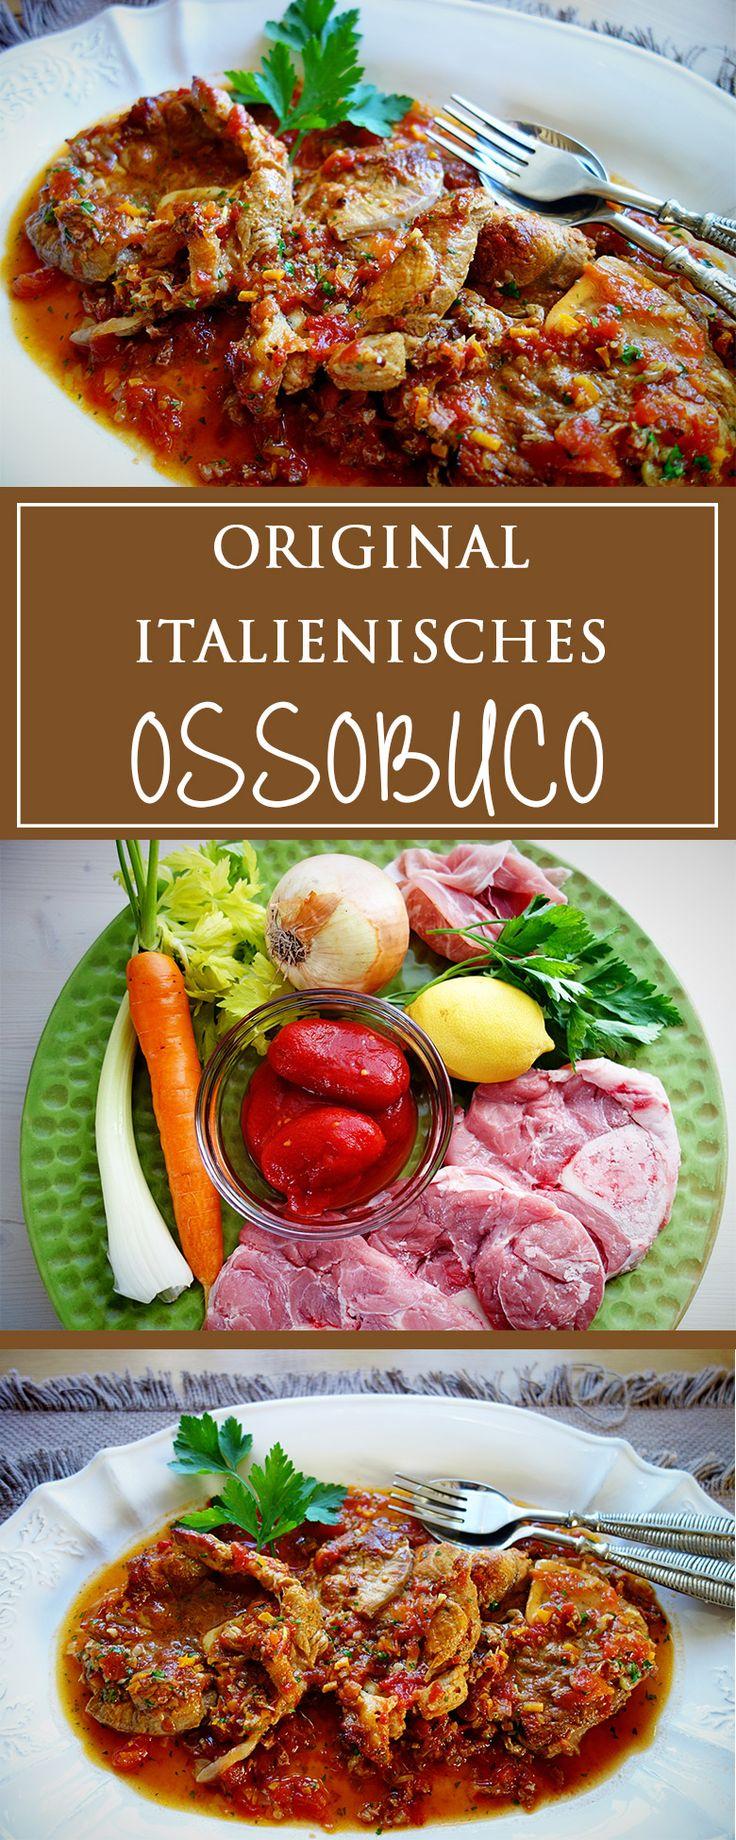 Original italienisches Ossobuco - ein einfaches Rezept für ein unwiderstehlich leckeres, herzhaftes Fleischgericht für einen Sonntags- oder Feiertagsbraten! 🍴🇮🇹🍗| cucina-con-amore.de